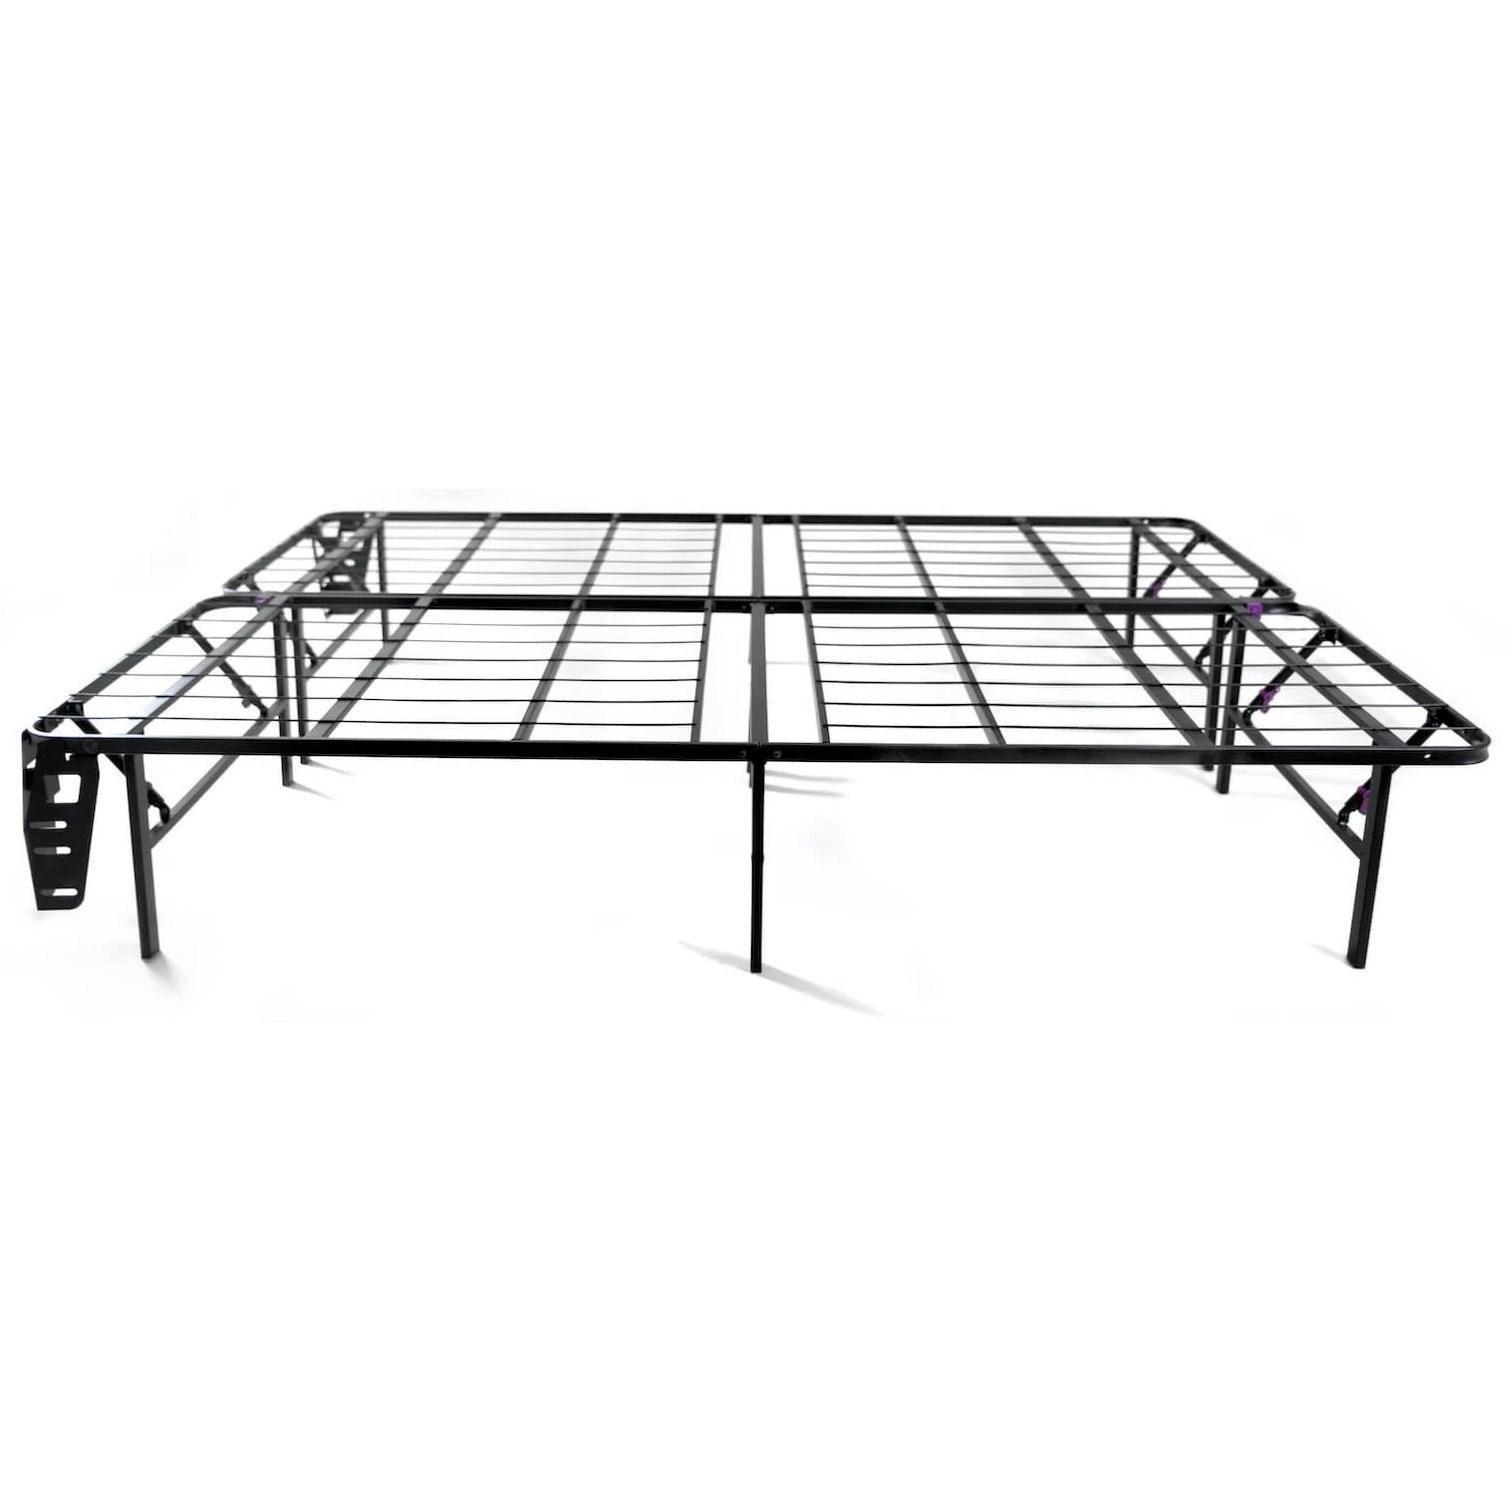 Platform Bed Frame Cal King Platform Bed Frame by Purple at Furniture and ApplianceMart